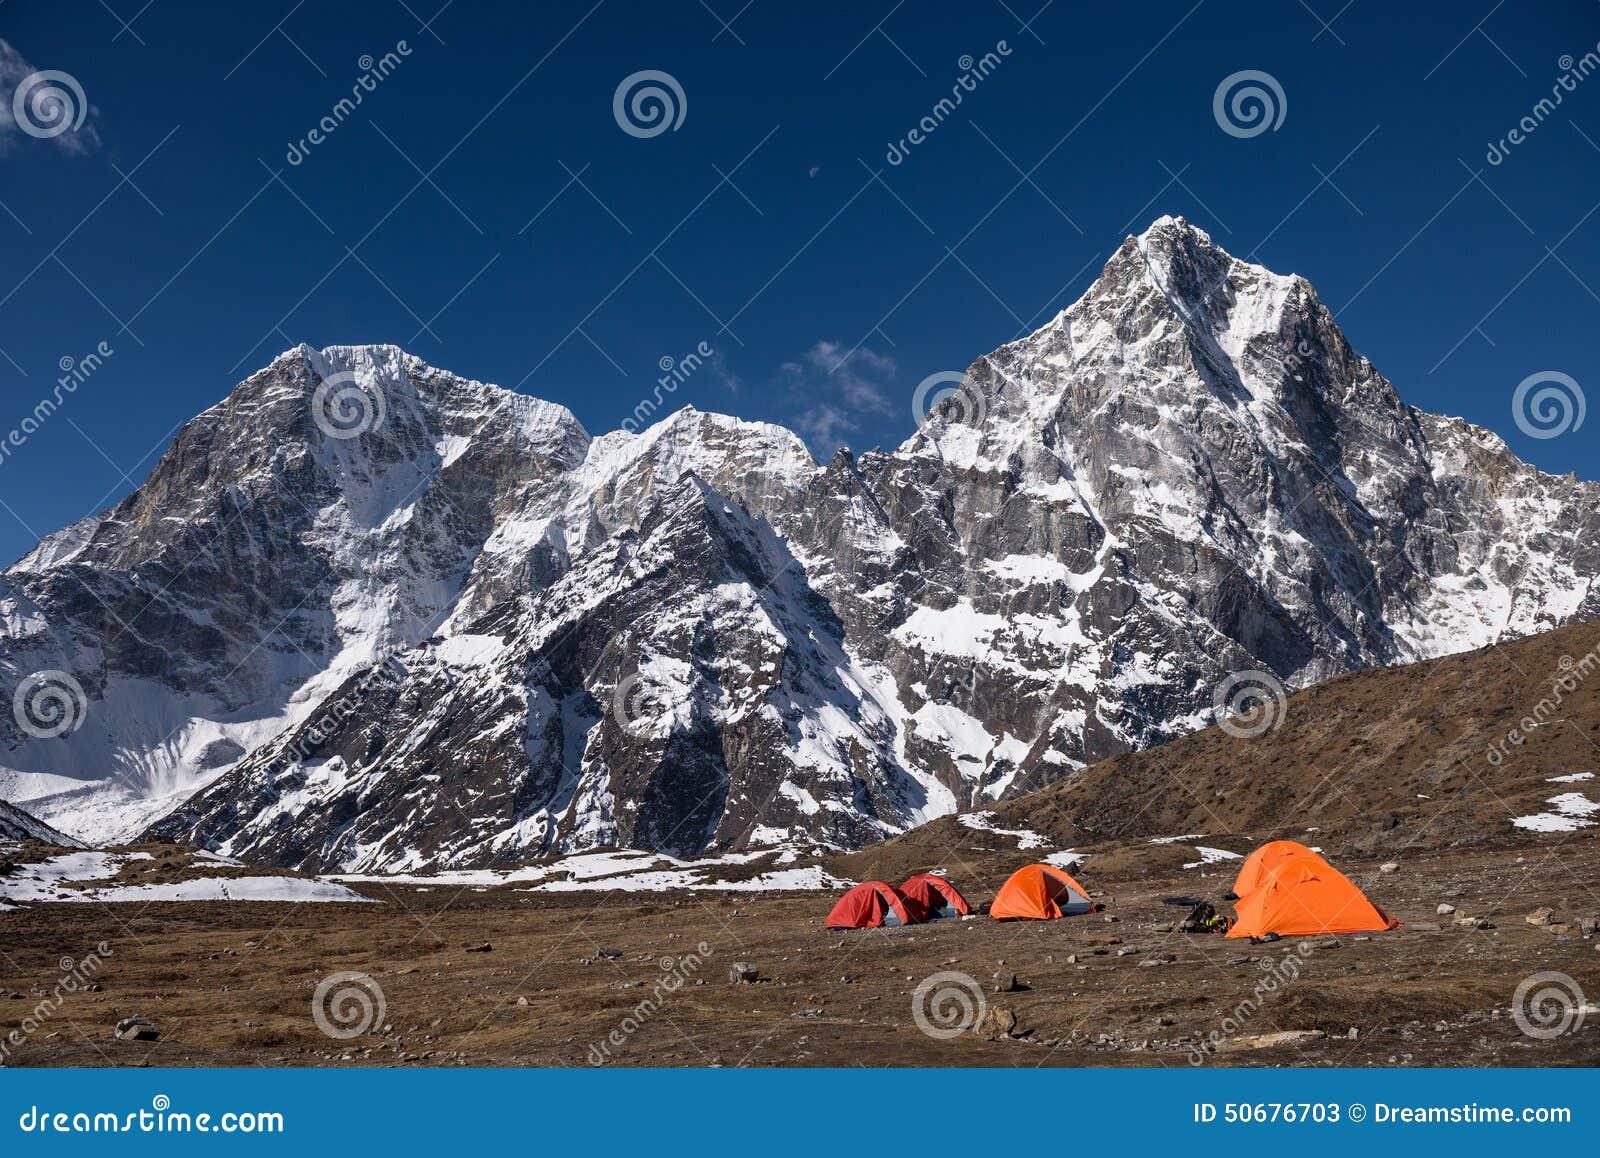 Download 喜马拉雅的基本阵营 库存图片. 图片 包括有 野营, 远征, 尼泊尔, 帐篷, 活动家, 峰顶, 孑然, 喜马拉雅 - 50676703